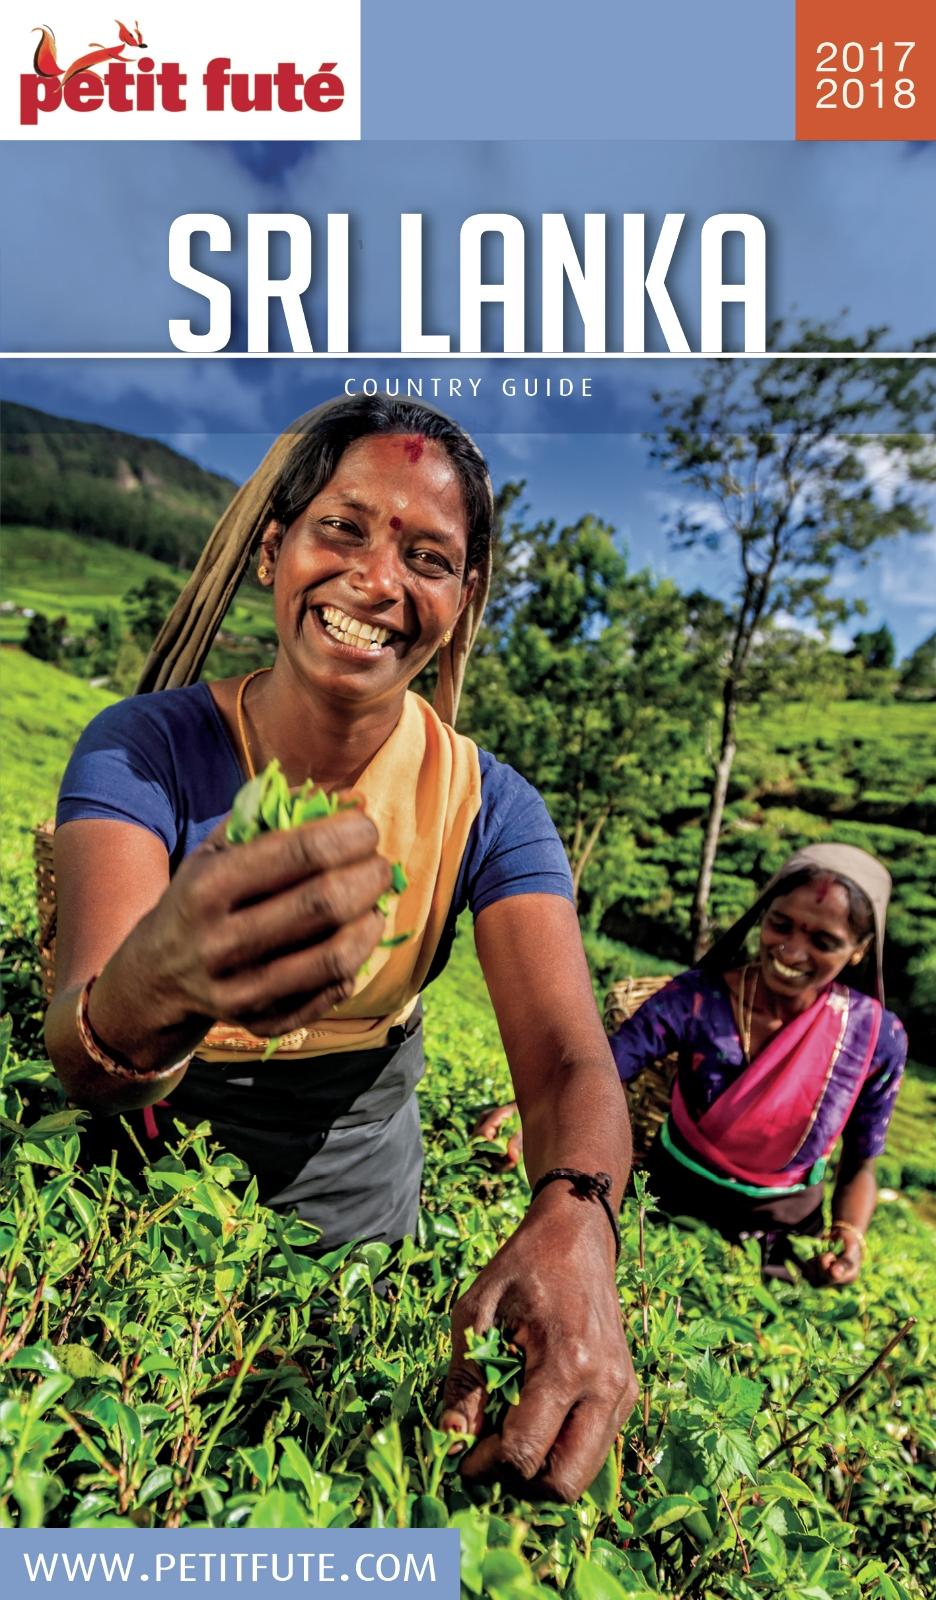 SRI LANKA 2017/2018 Petit Futé